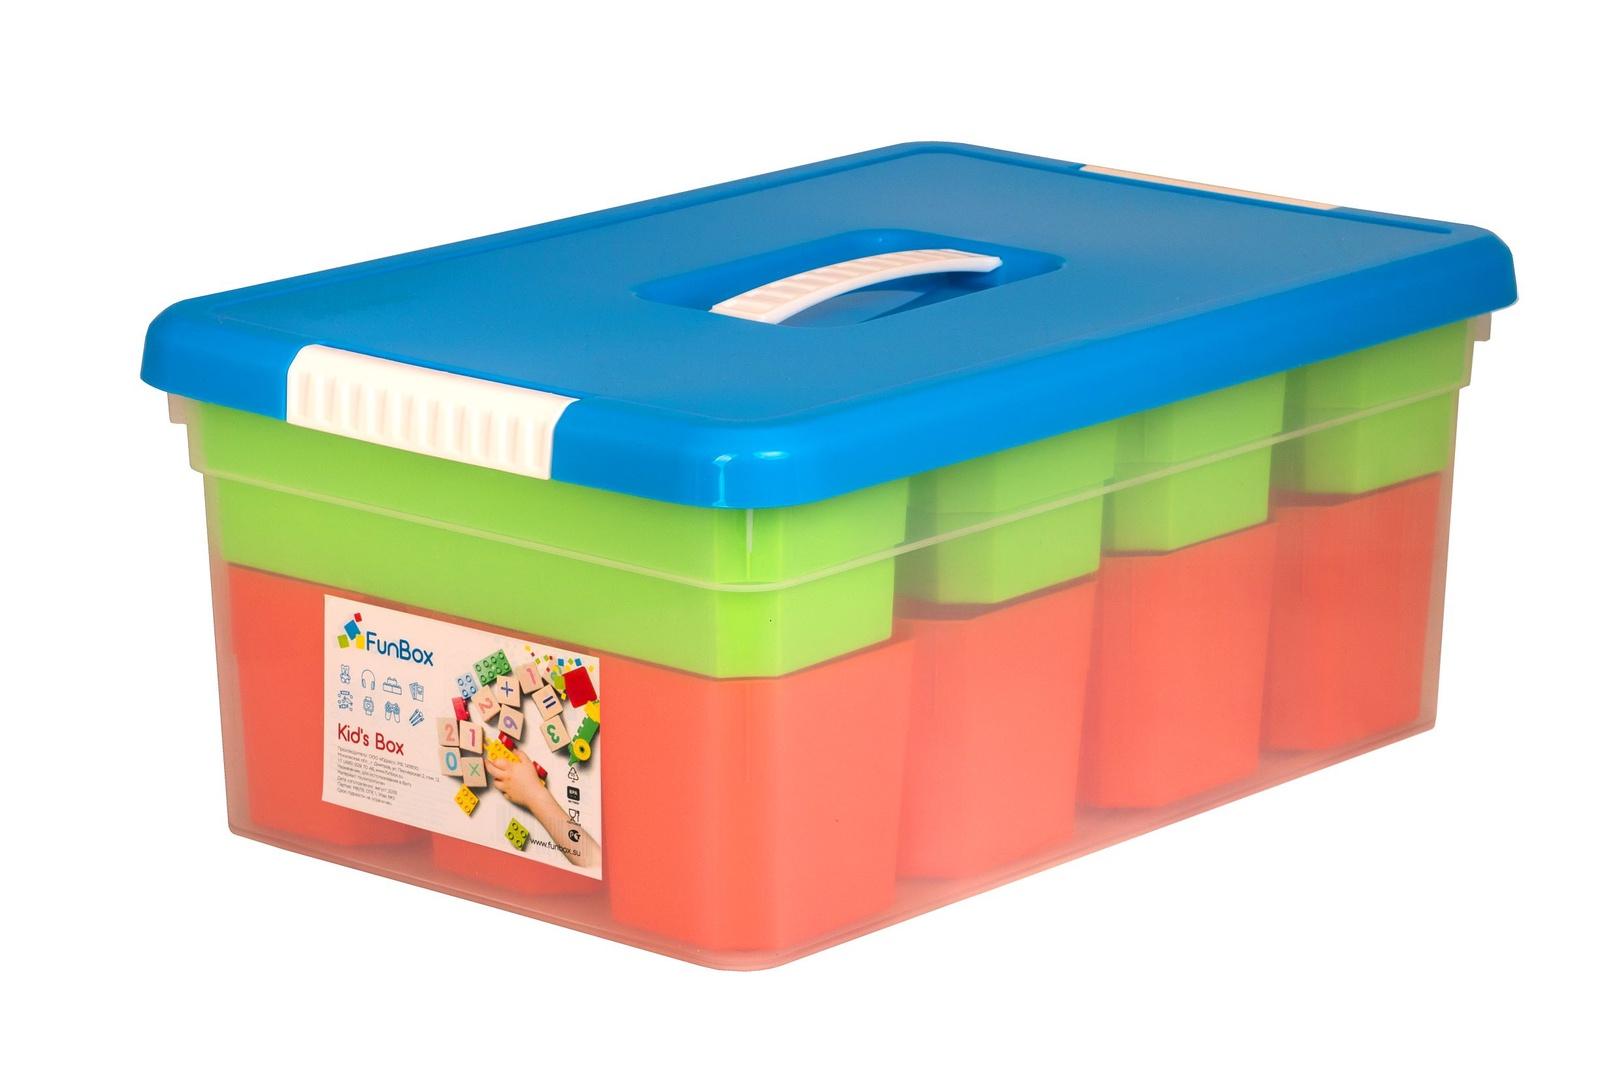 Ящик для игрушек FunBox Органайзер 10л, FB5051, Полипропилен цена 2017